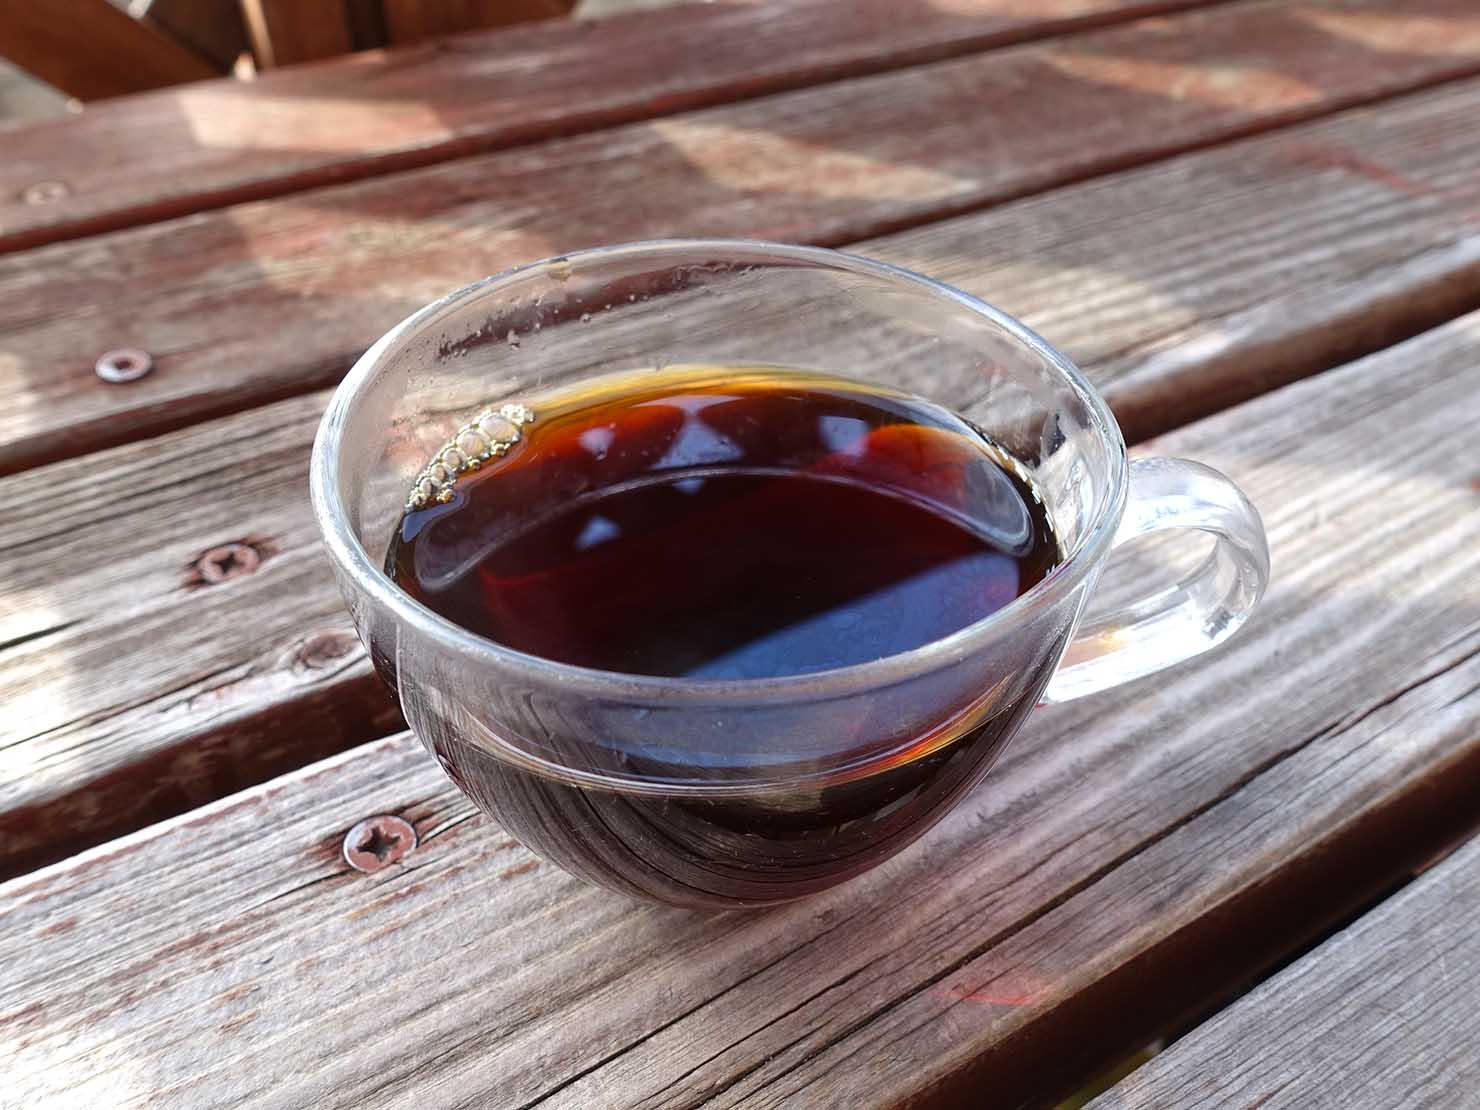 台北おみやげにおすすめのコーヒーブランド・SONBERNORの台湾コーヒーを淹れたイメージ